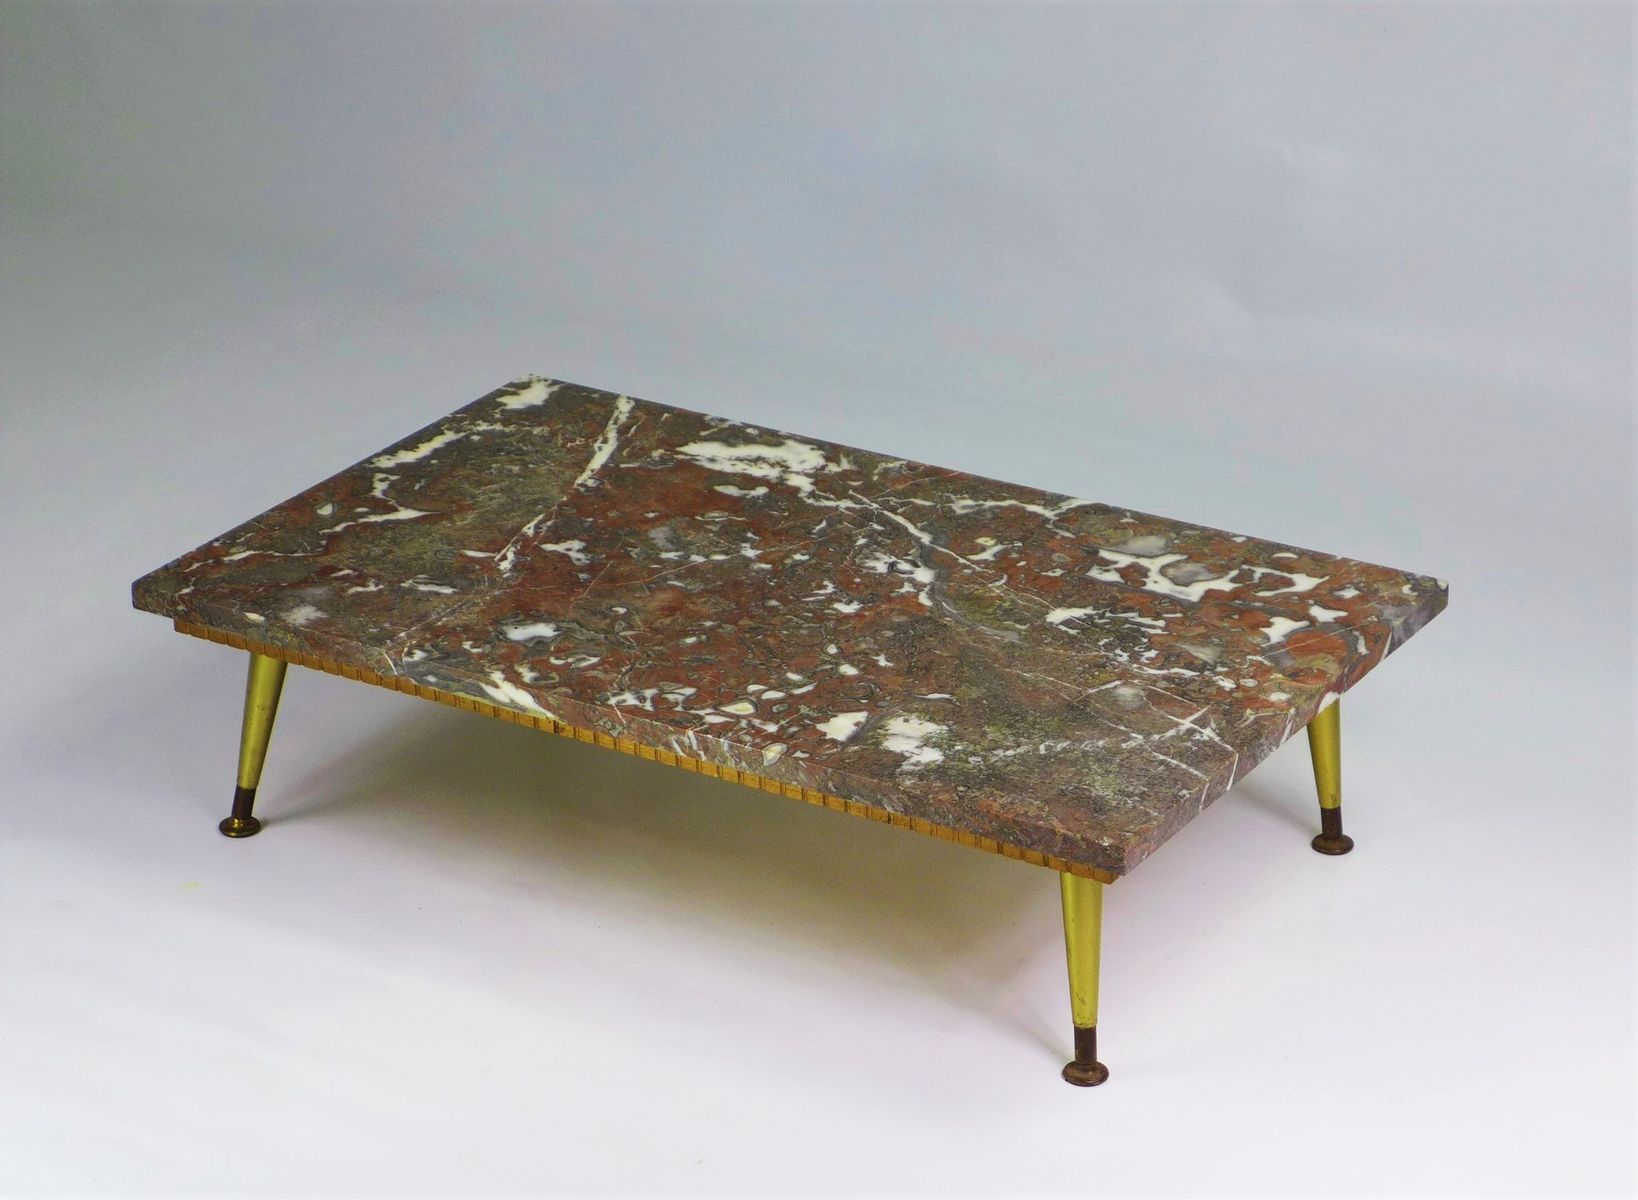 table basse avec plateau en marbre 1950s en vente sur pamono. Black Bedroom Furniture Sets. Home Design Ideas